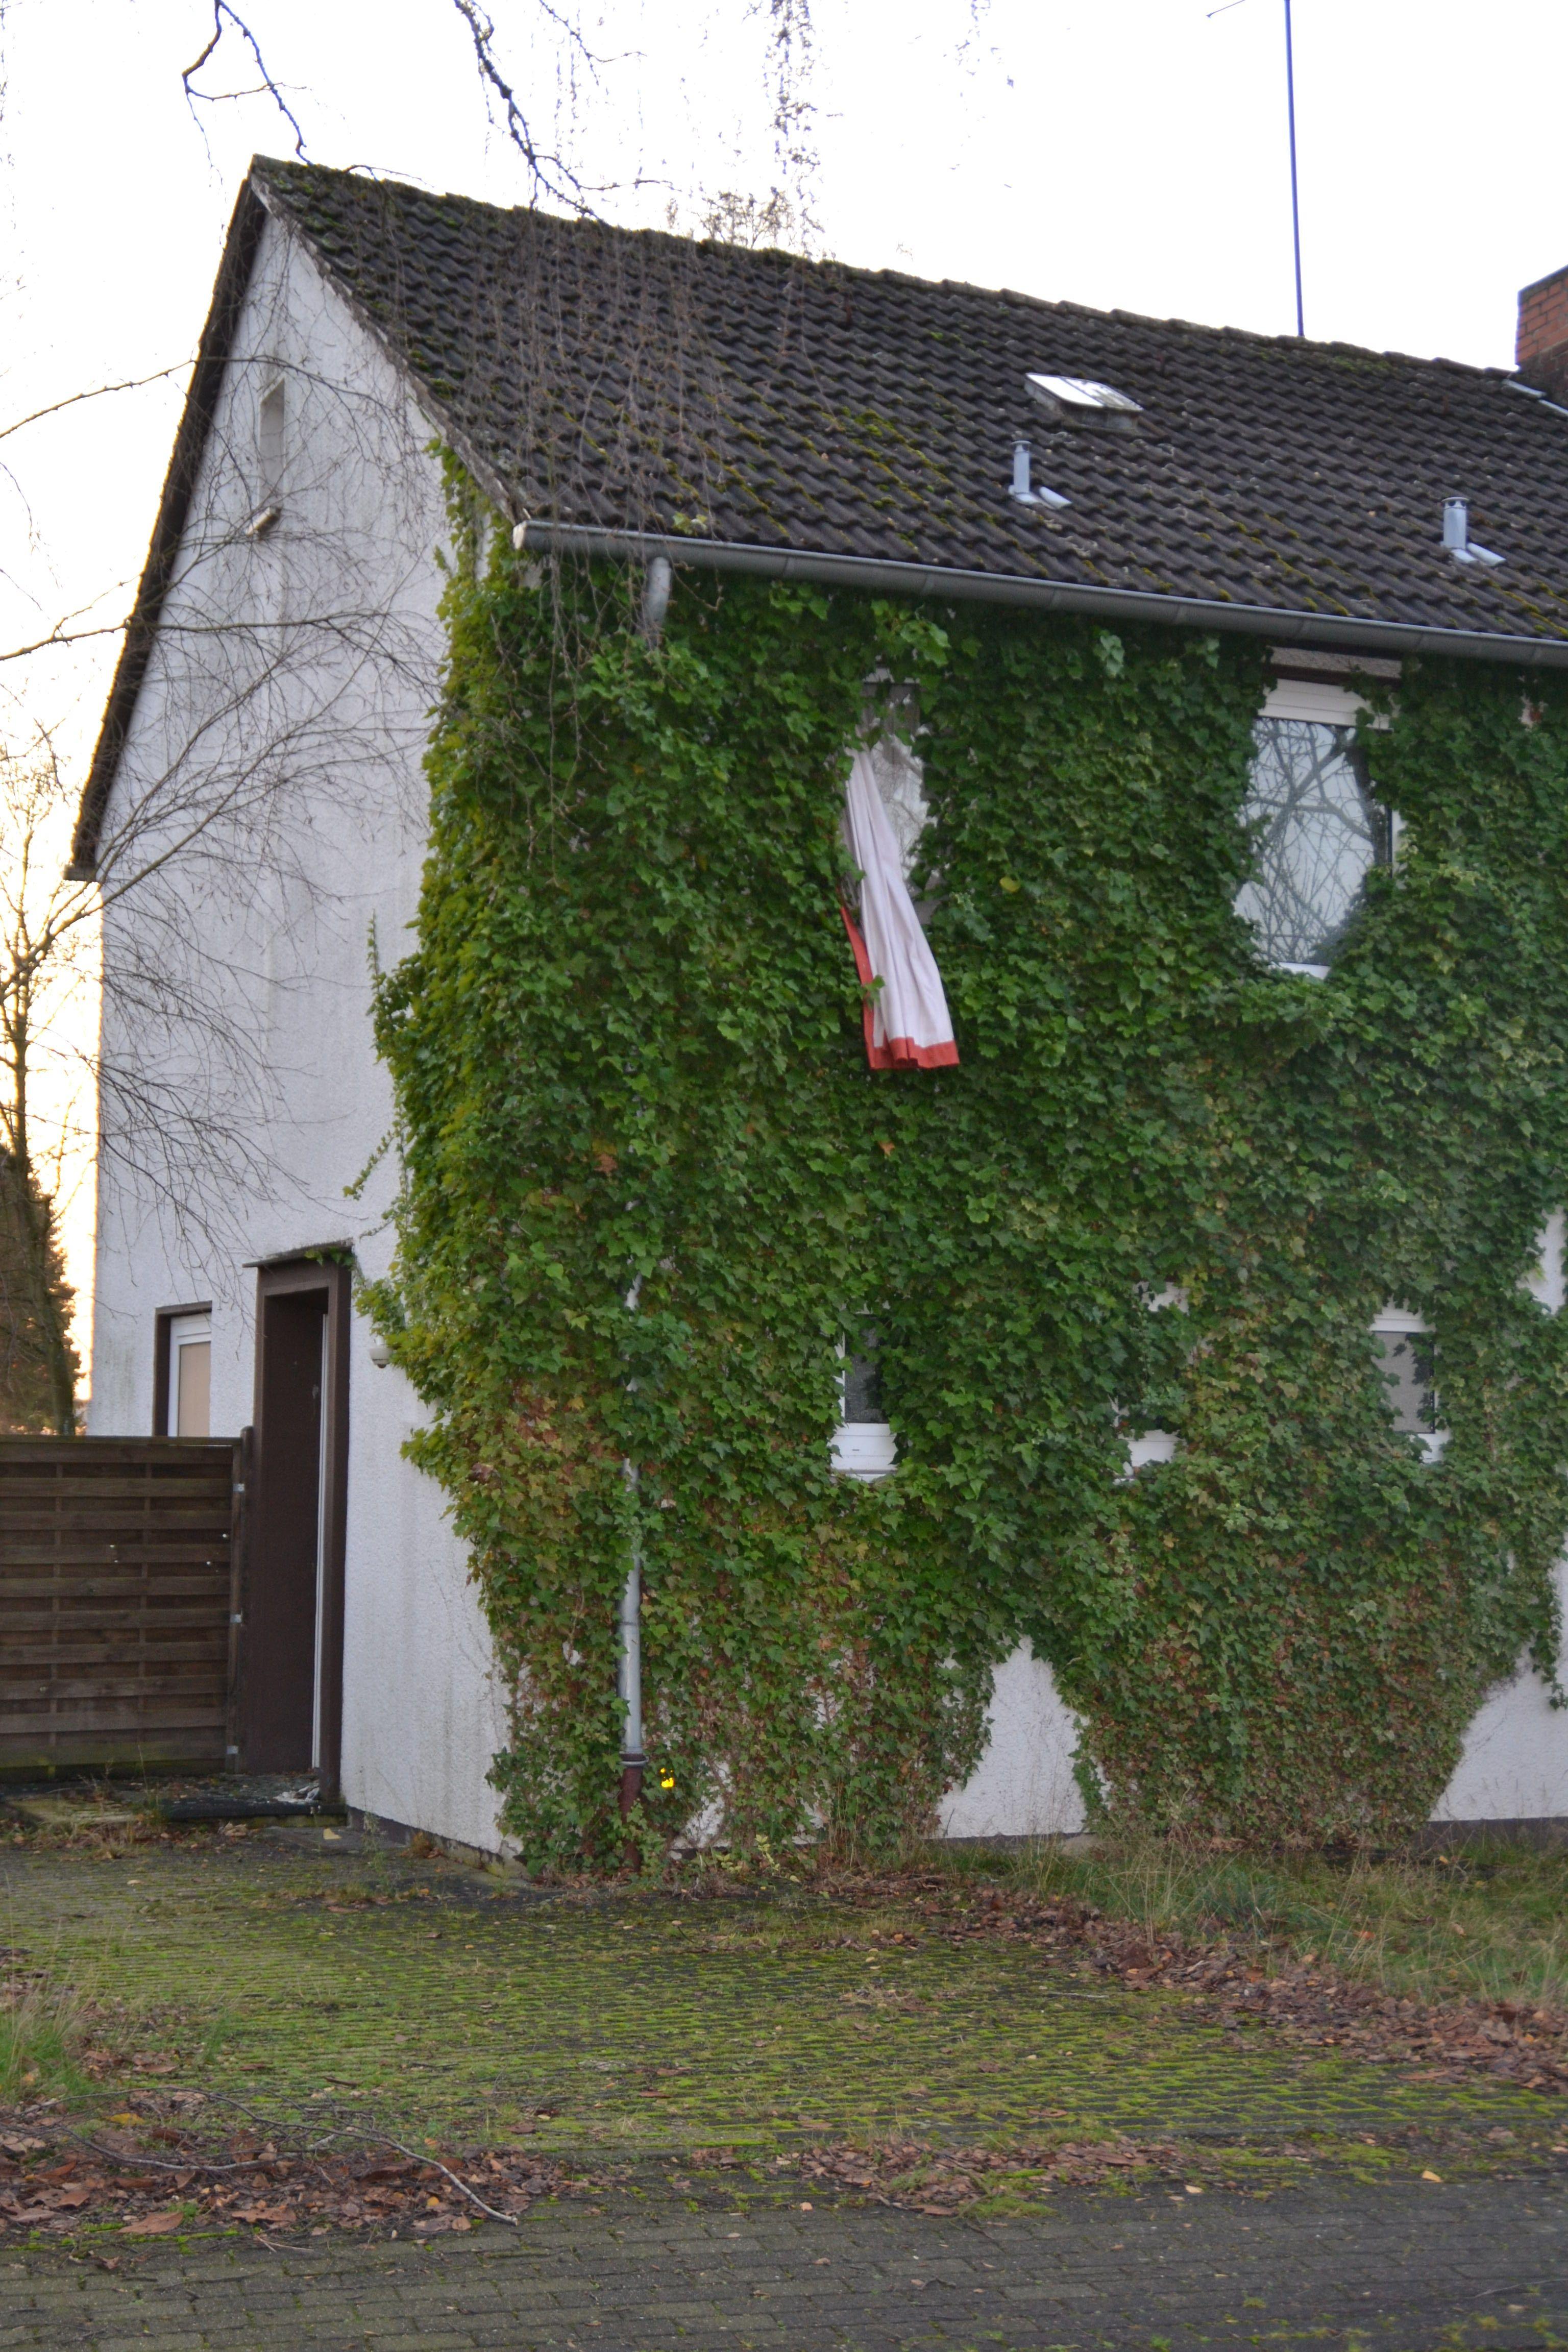 Ehem. Siedlung | 09.12.2013 | Copyright: www.lost-places-nrw.de